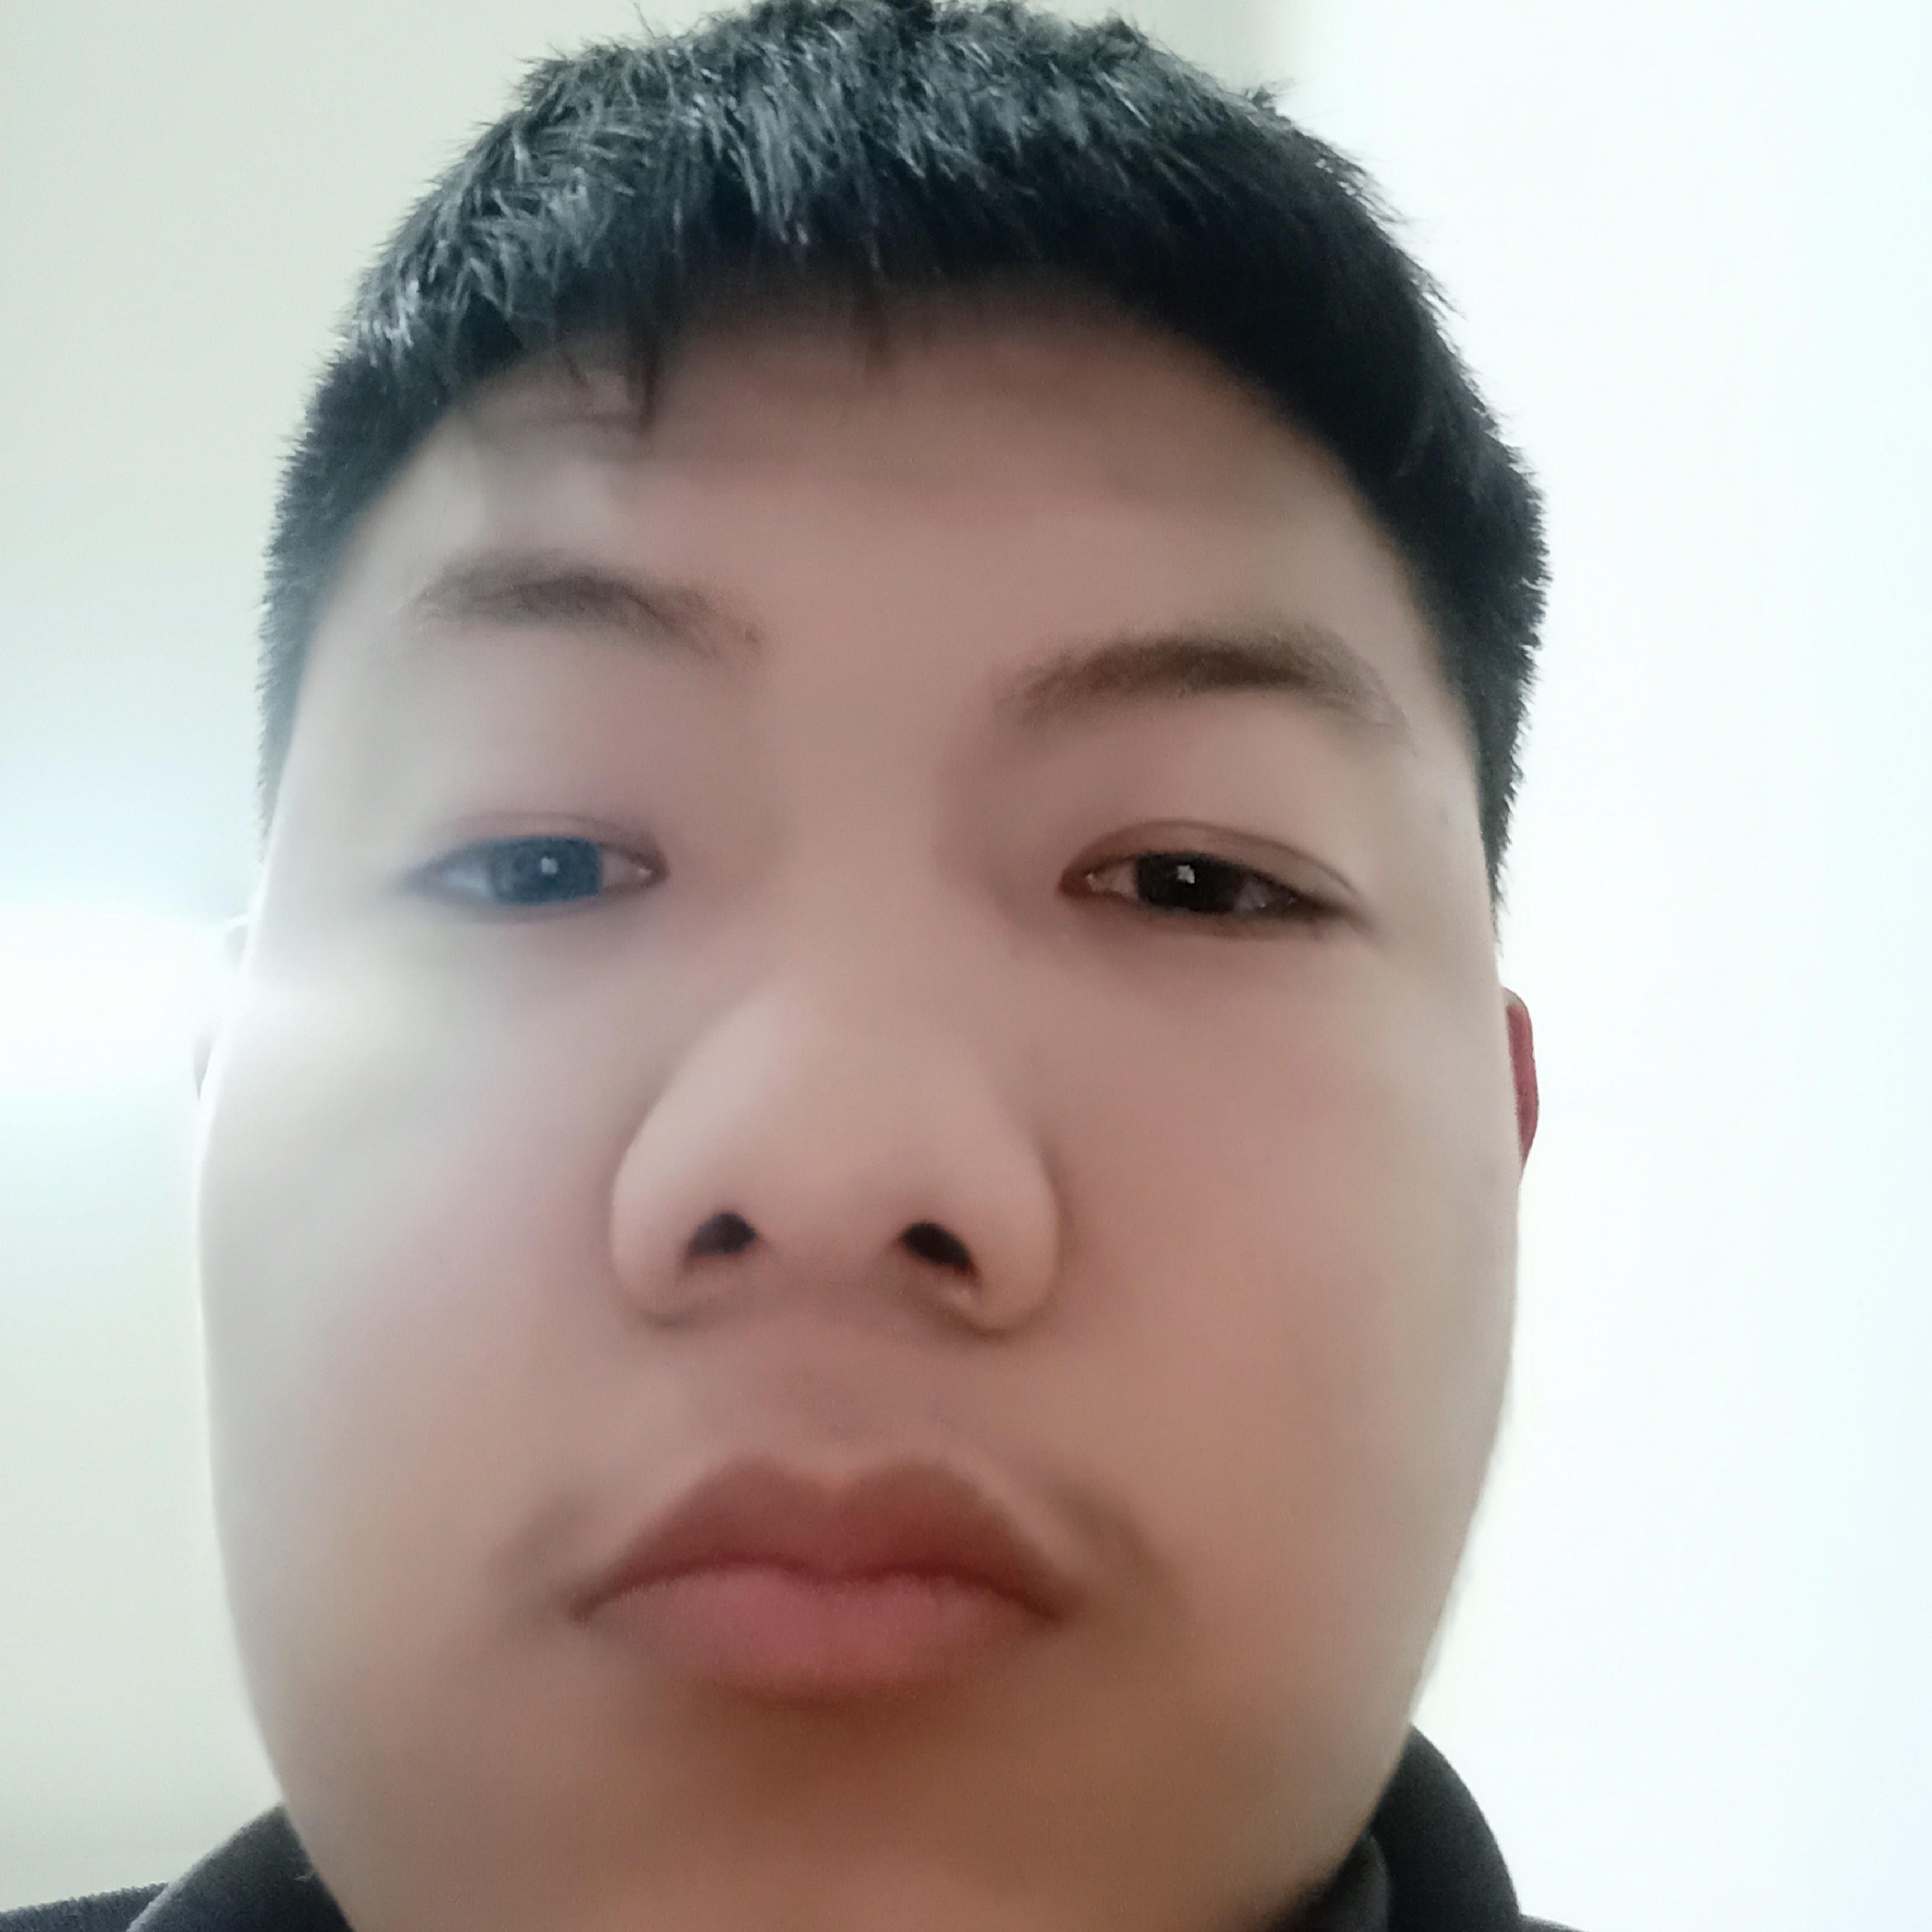 轩辕蹙眉酷酷的照片